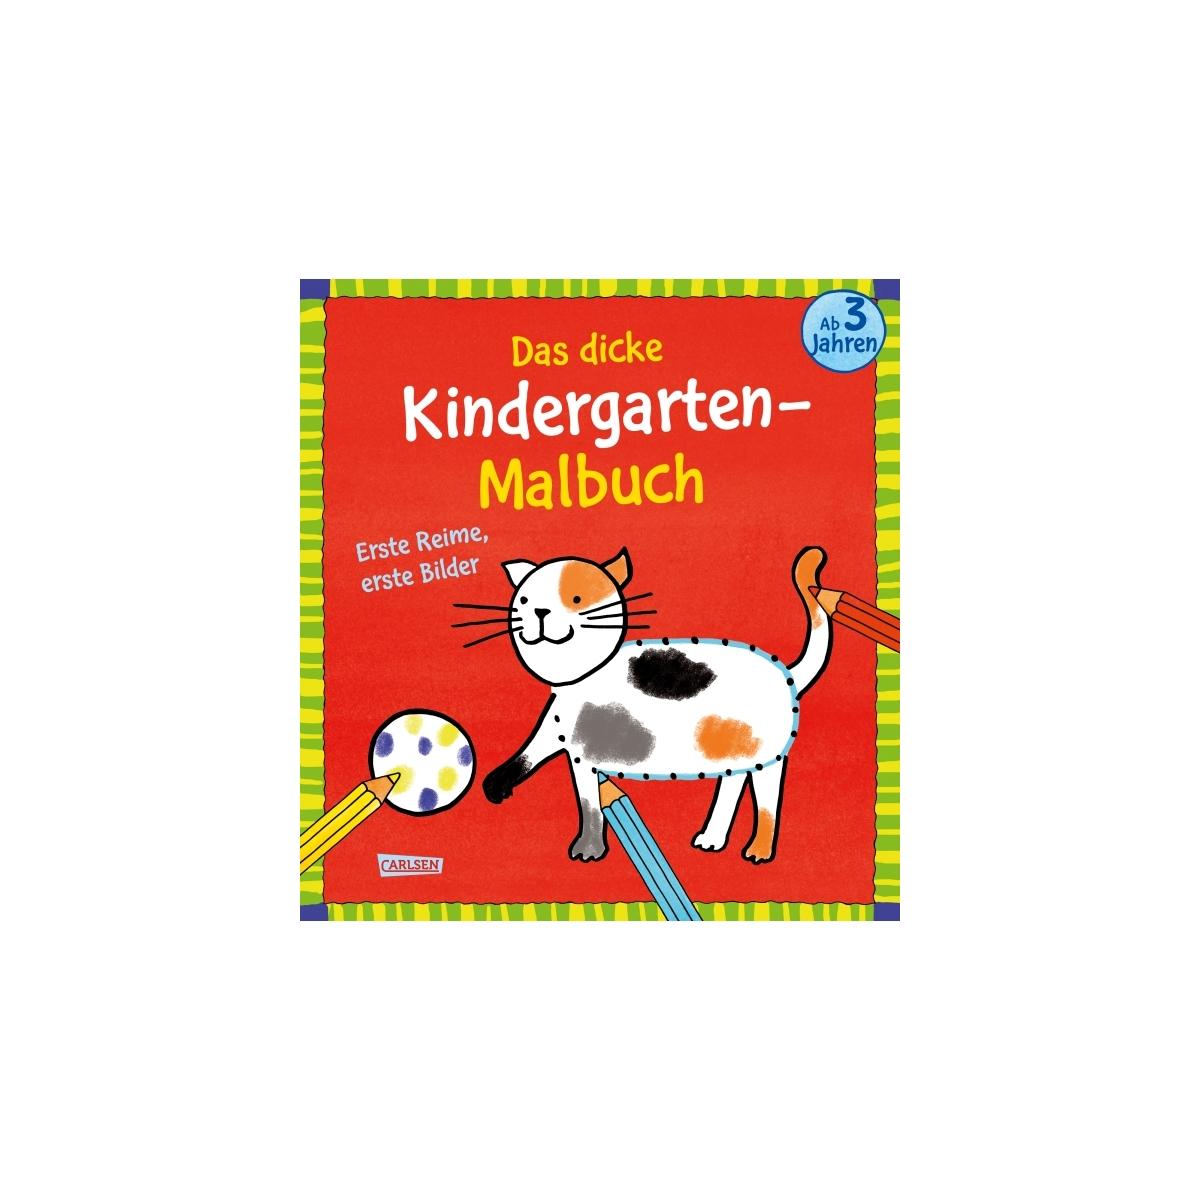 Gemütlich Malbuch Dora Bilder - Druckbare Malvorlagen - amaichi.info